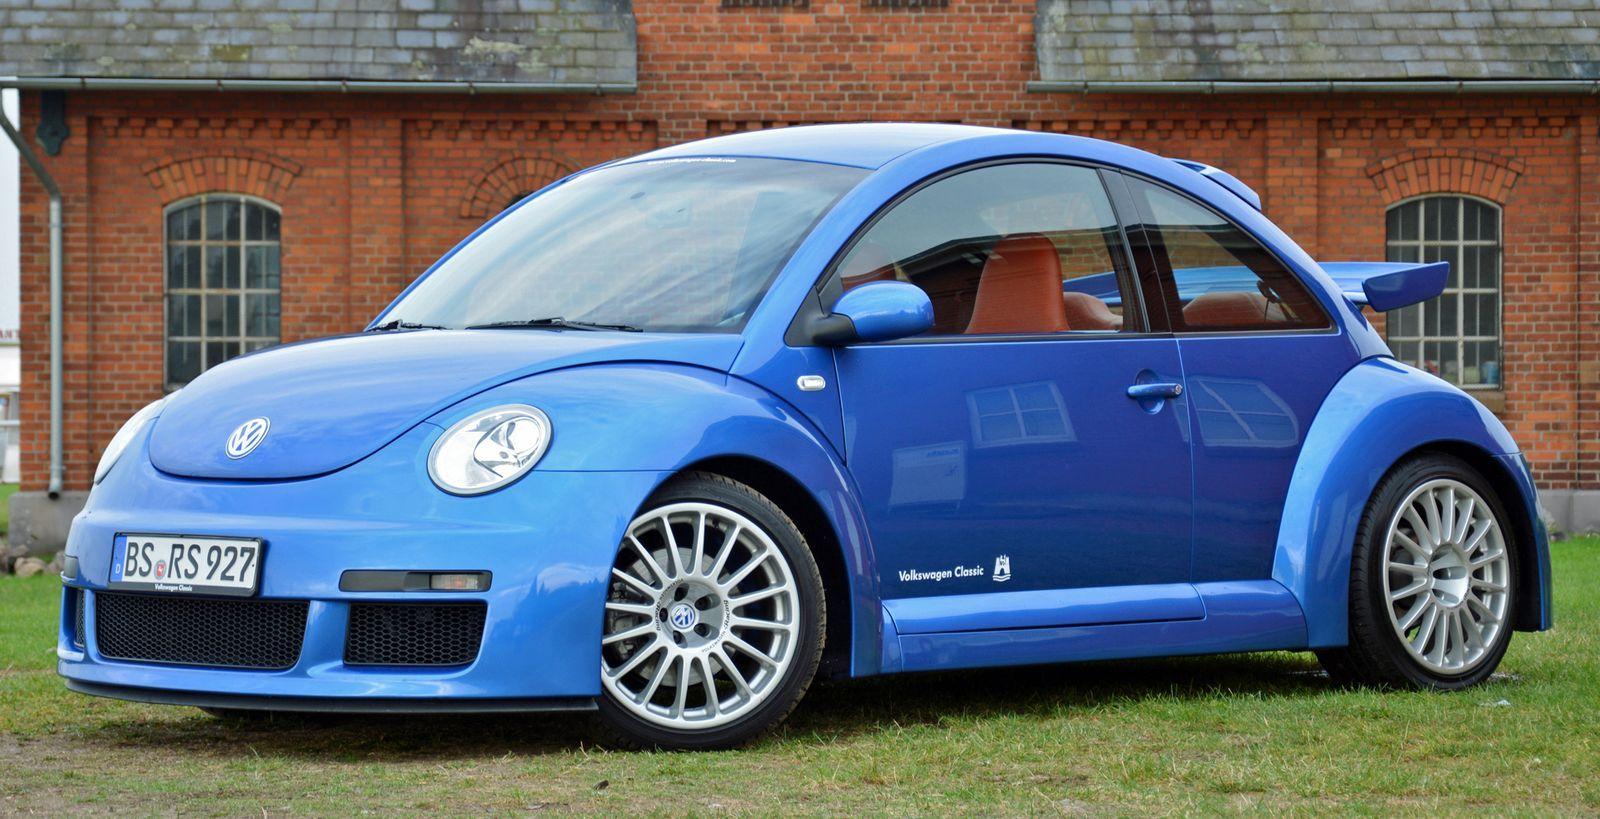 Verbotene Frucht Volkswagen S New Beetle Rsi In 2020 Vw New Beetle New Beetle Volkswagen